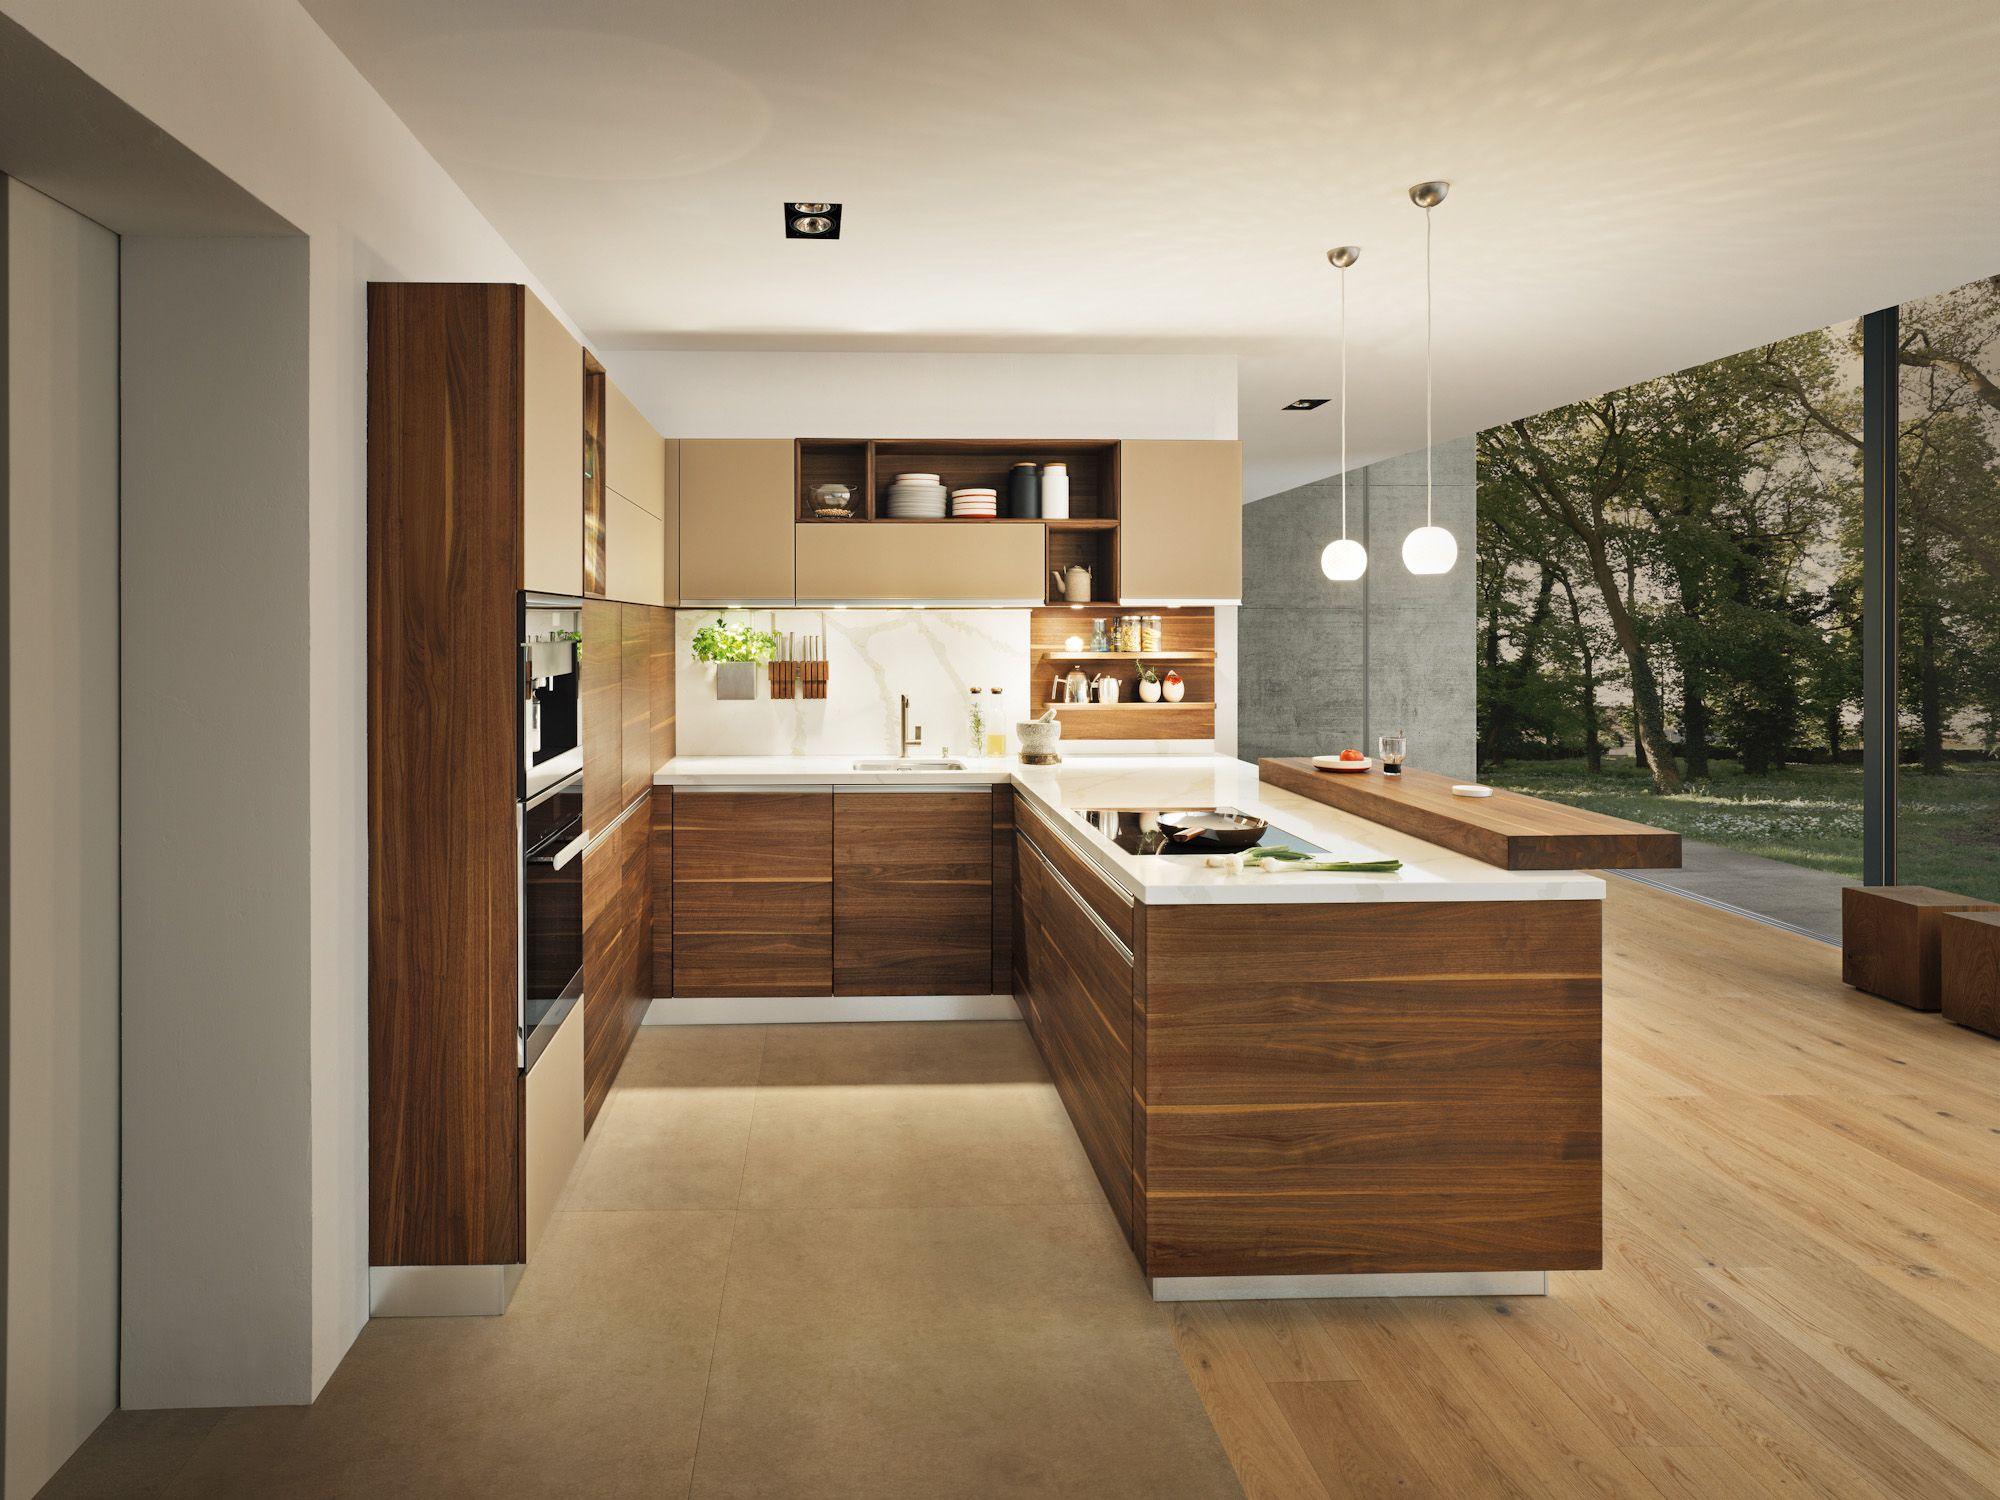 Bezaubernd Bilder Küche Modern Das Beste Von Küche | Nussbaum Massiv | Geölt |